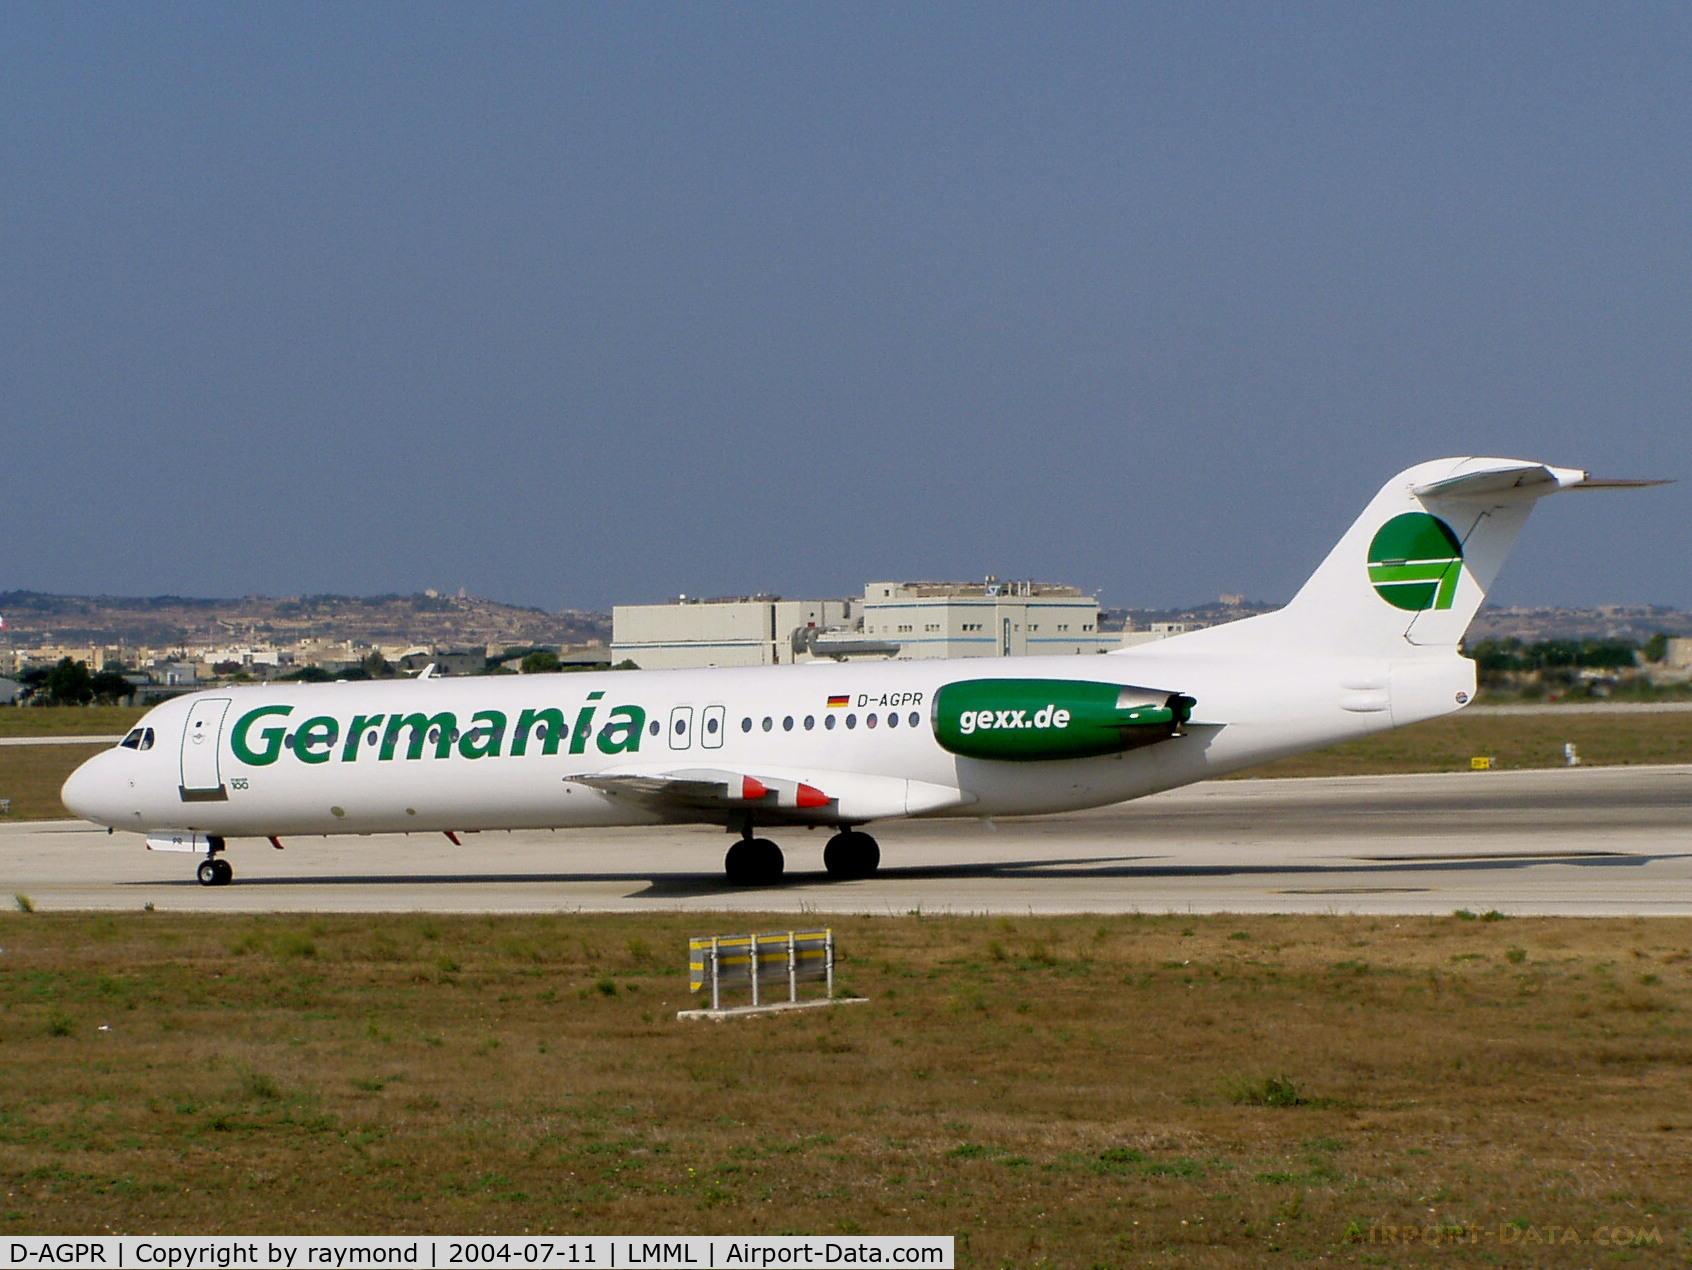 D-AGPR, 1992 Fokker 100 (F-28-0100) C/N 11391, F100 D-AGPR Germania